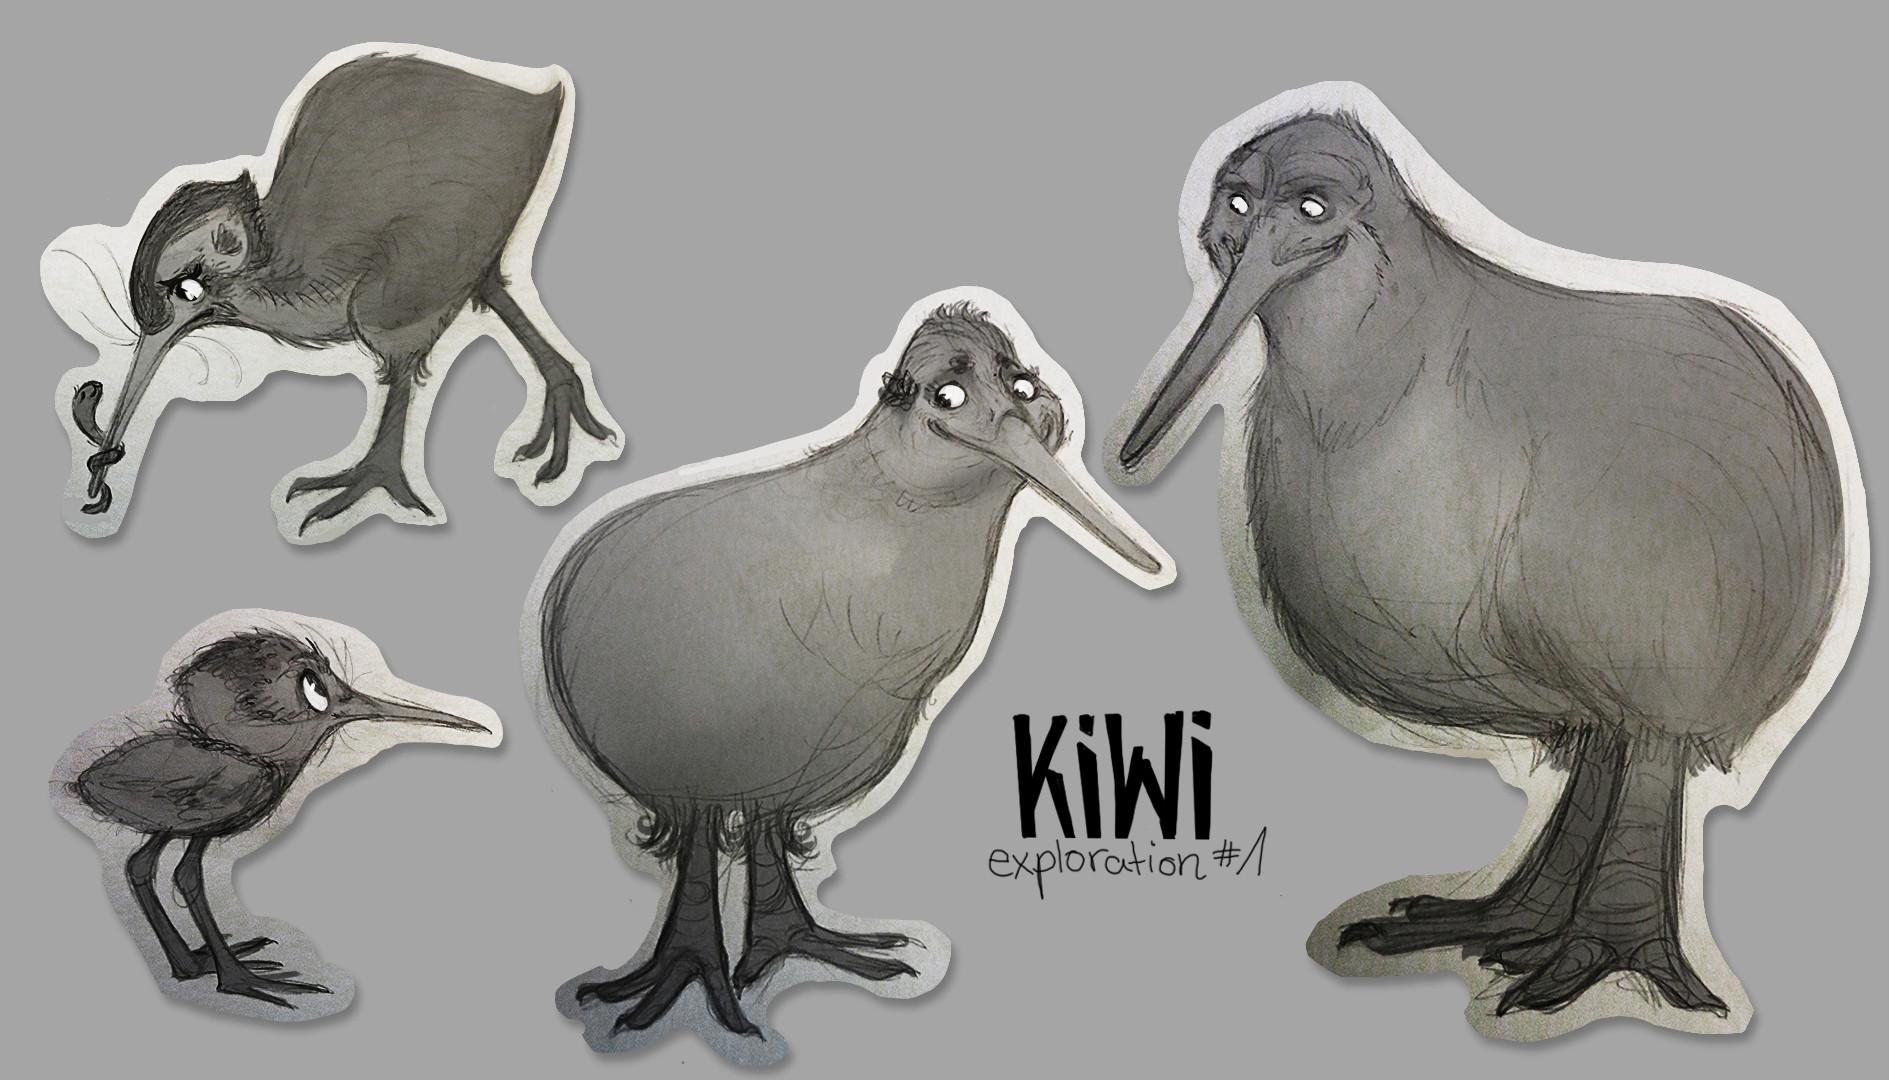 Vivien lulkowski kiwi1